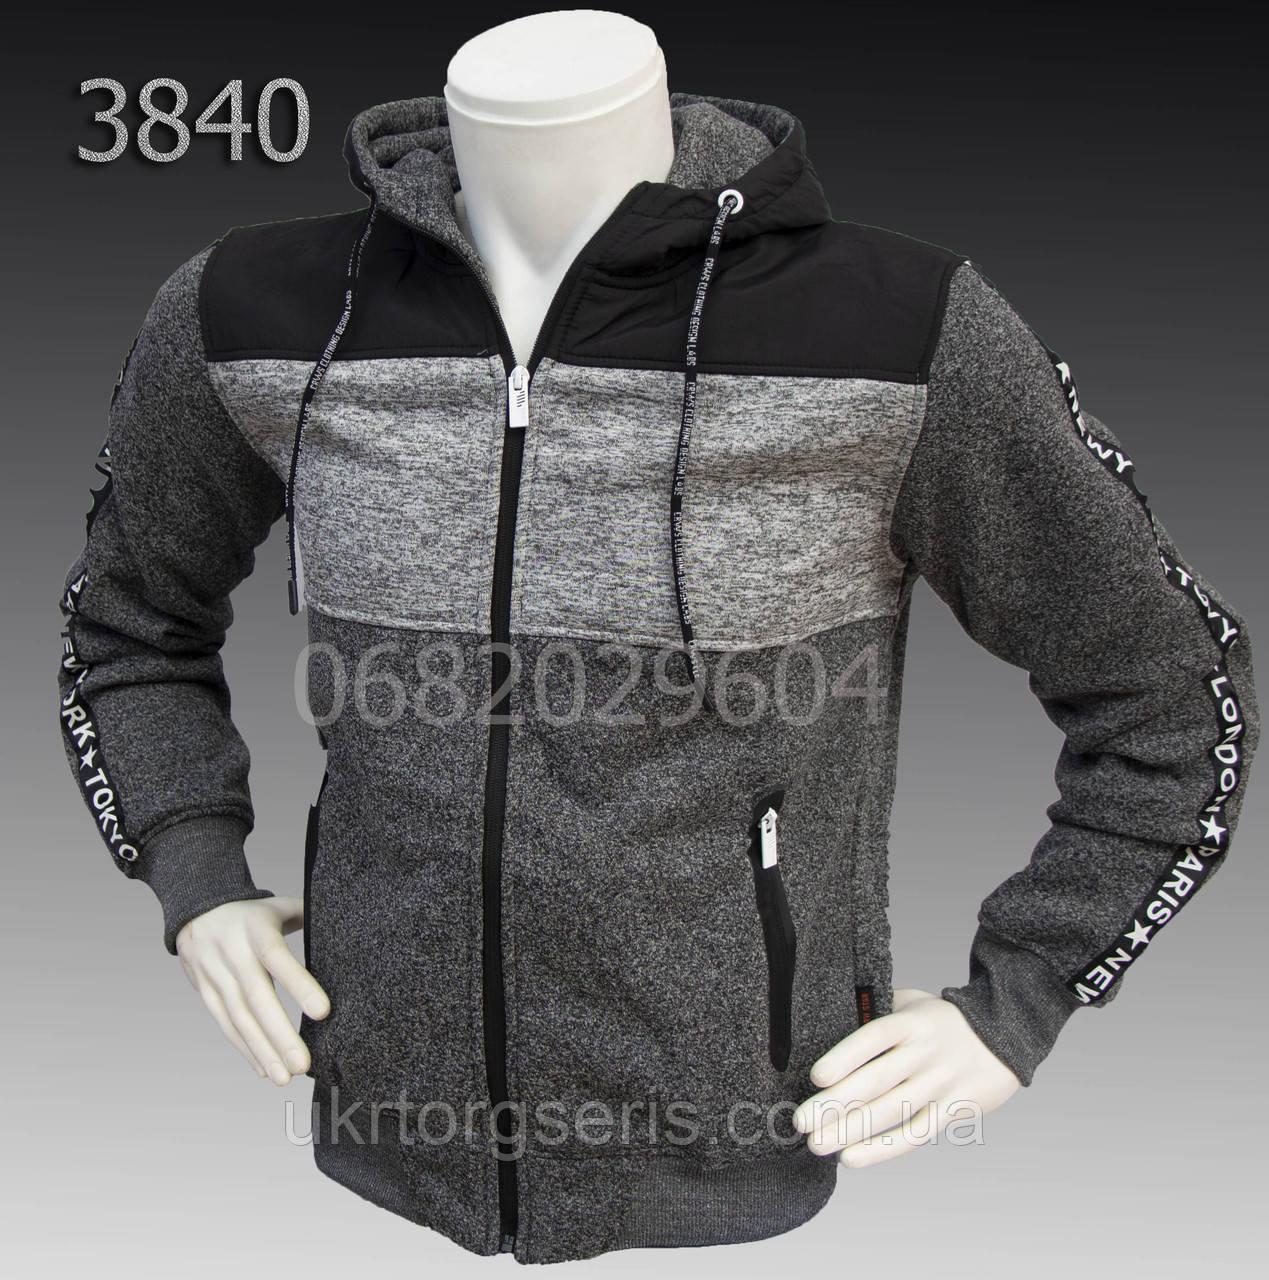 58b87fd19cda1 Толстовка мужская оптом CRWS, цена 341 грн., купить в Хмельницком ...